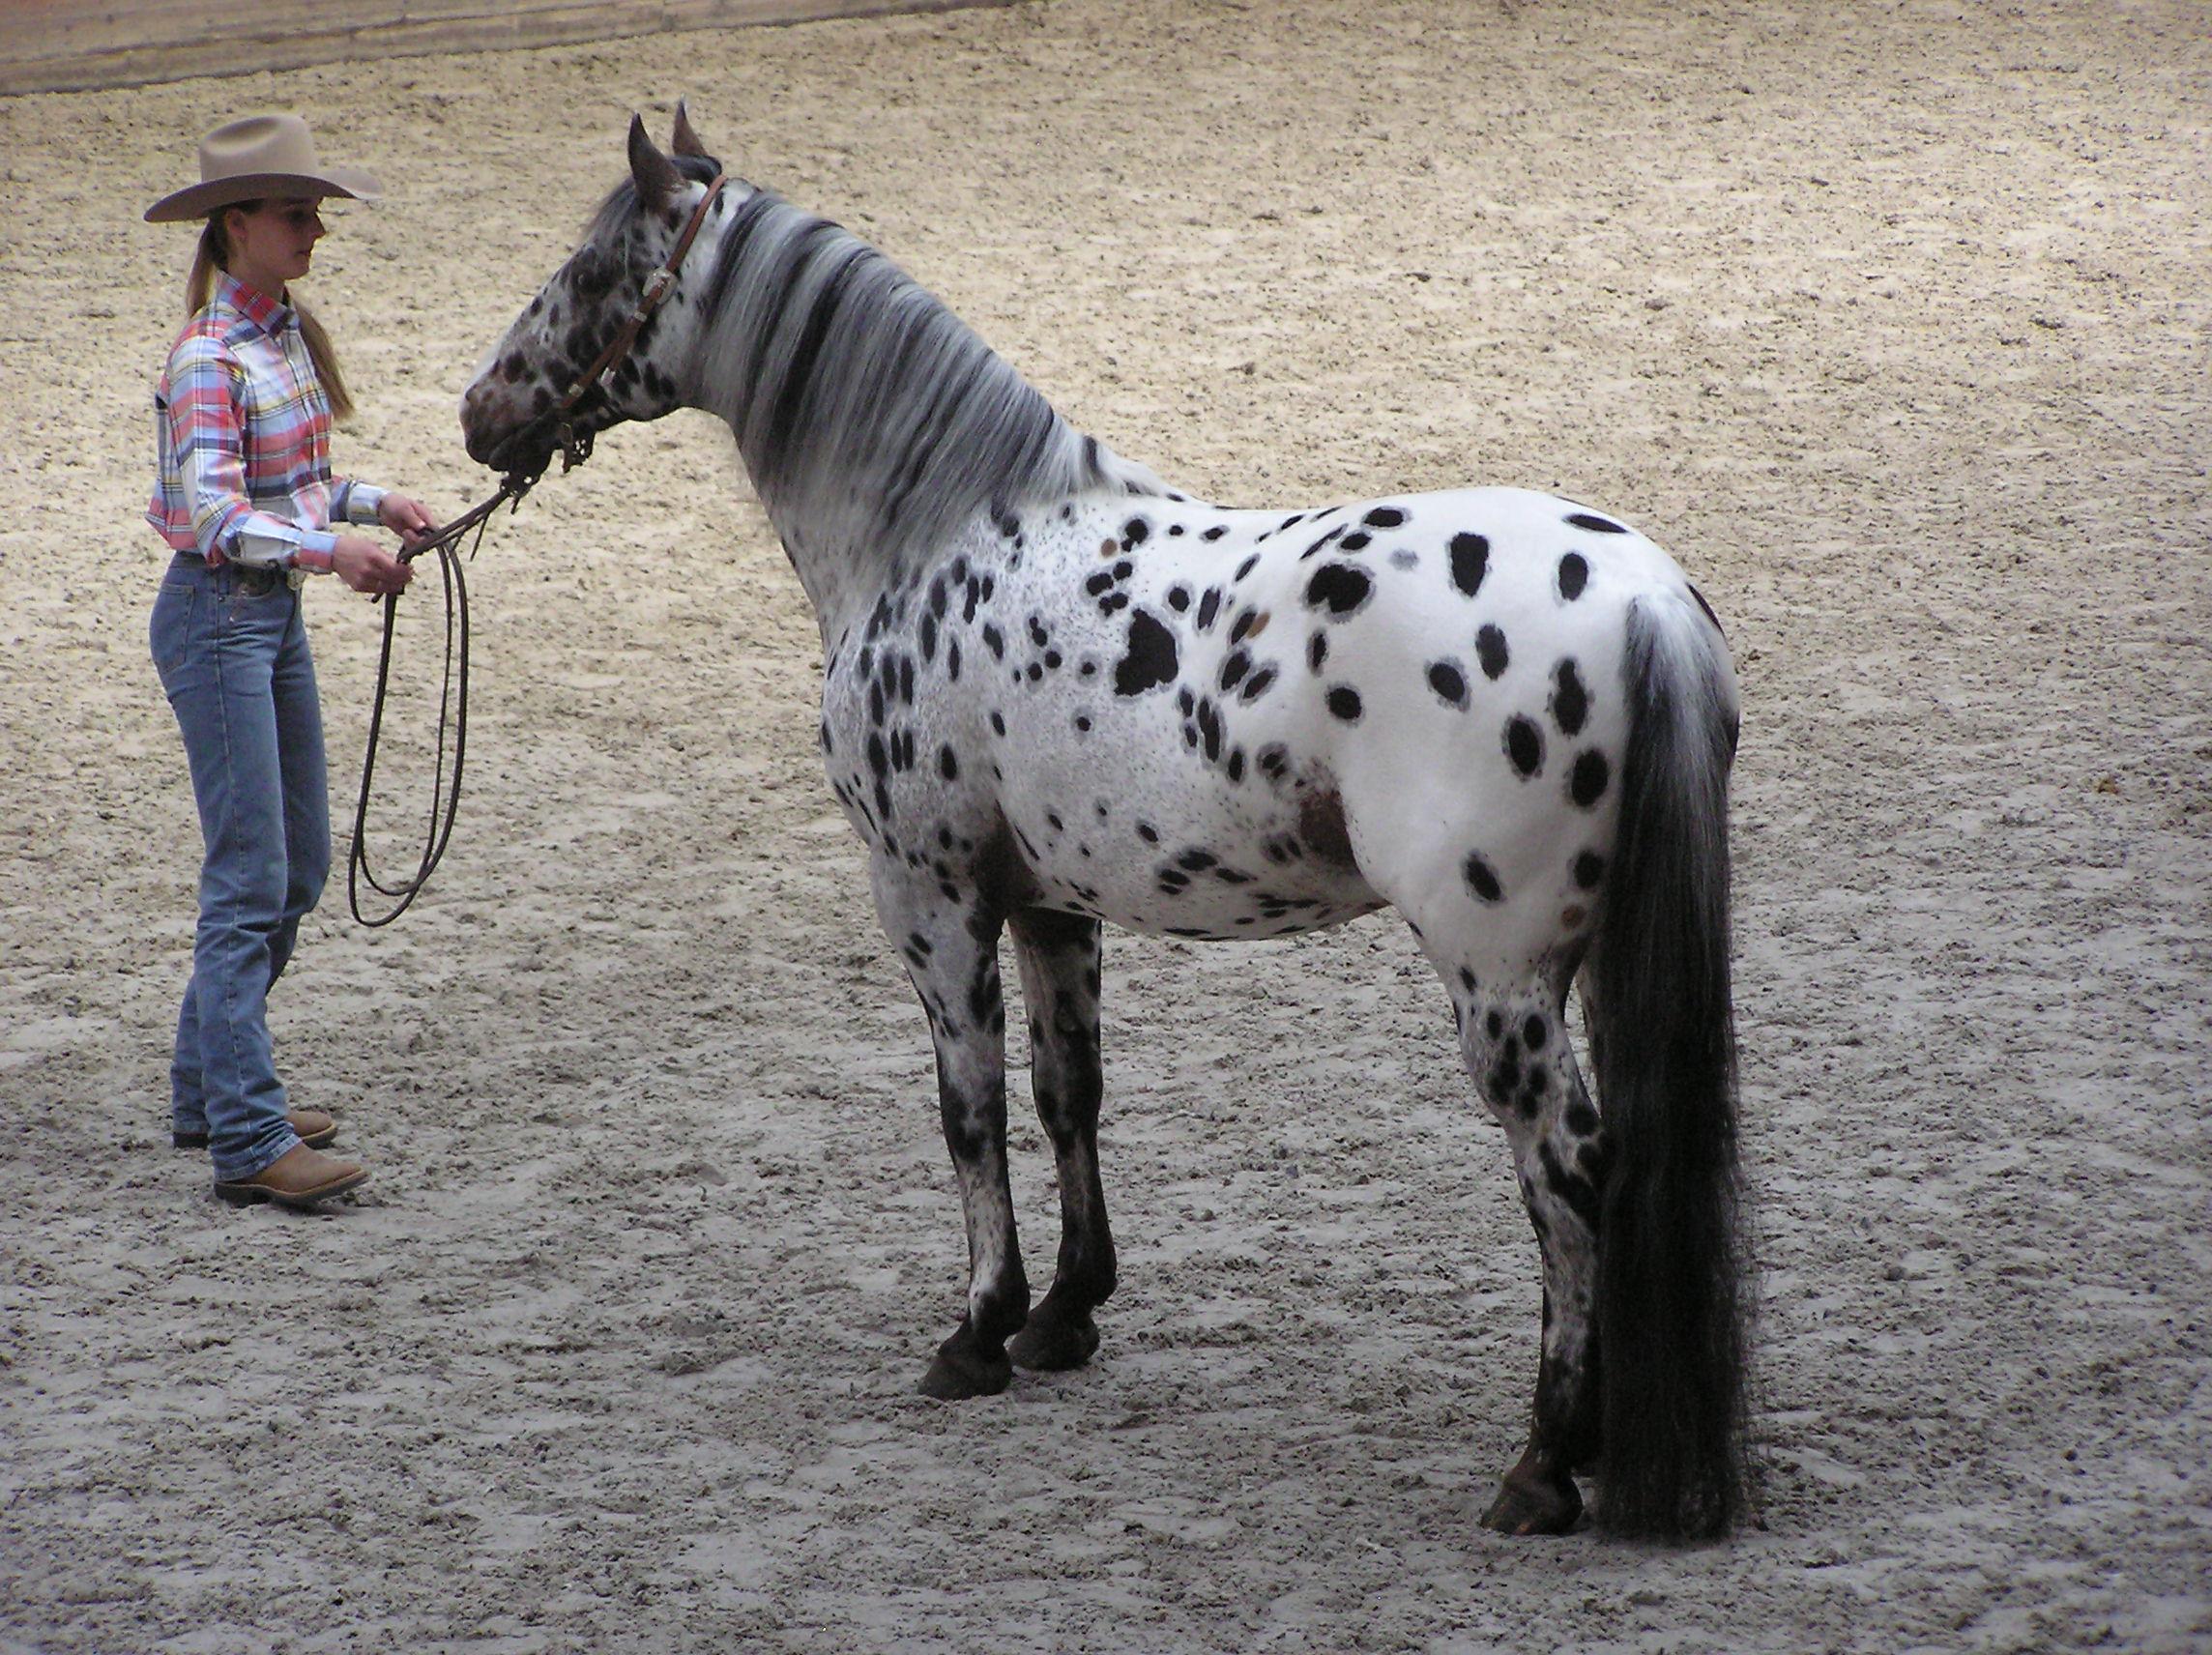 Лошадей Мини-апалуза часто тренируют для шоу, на которых они показывают отличные результаты